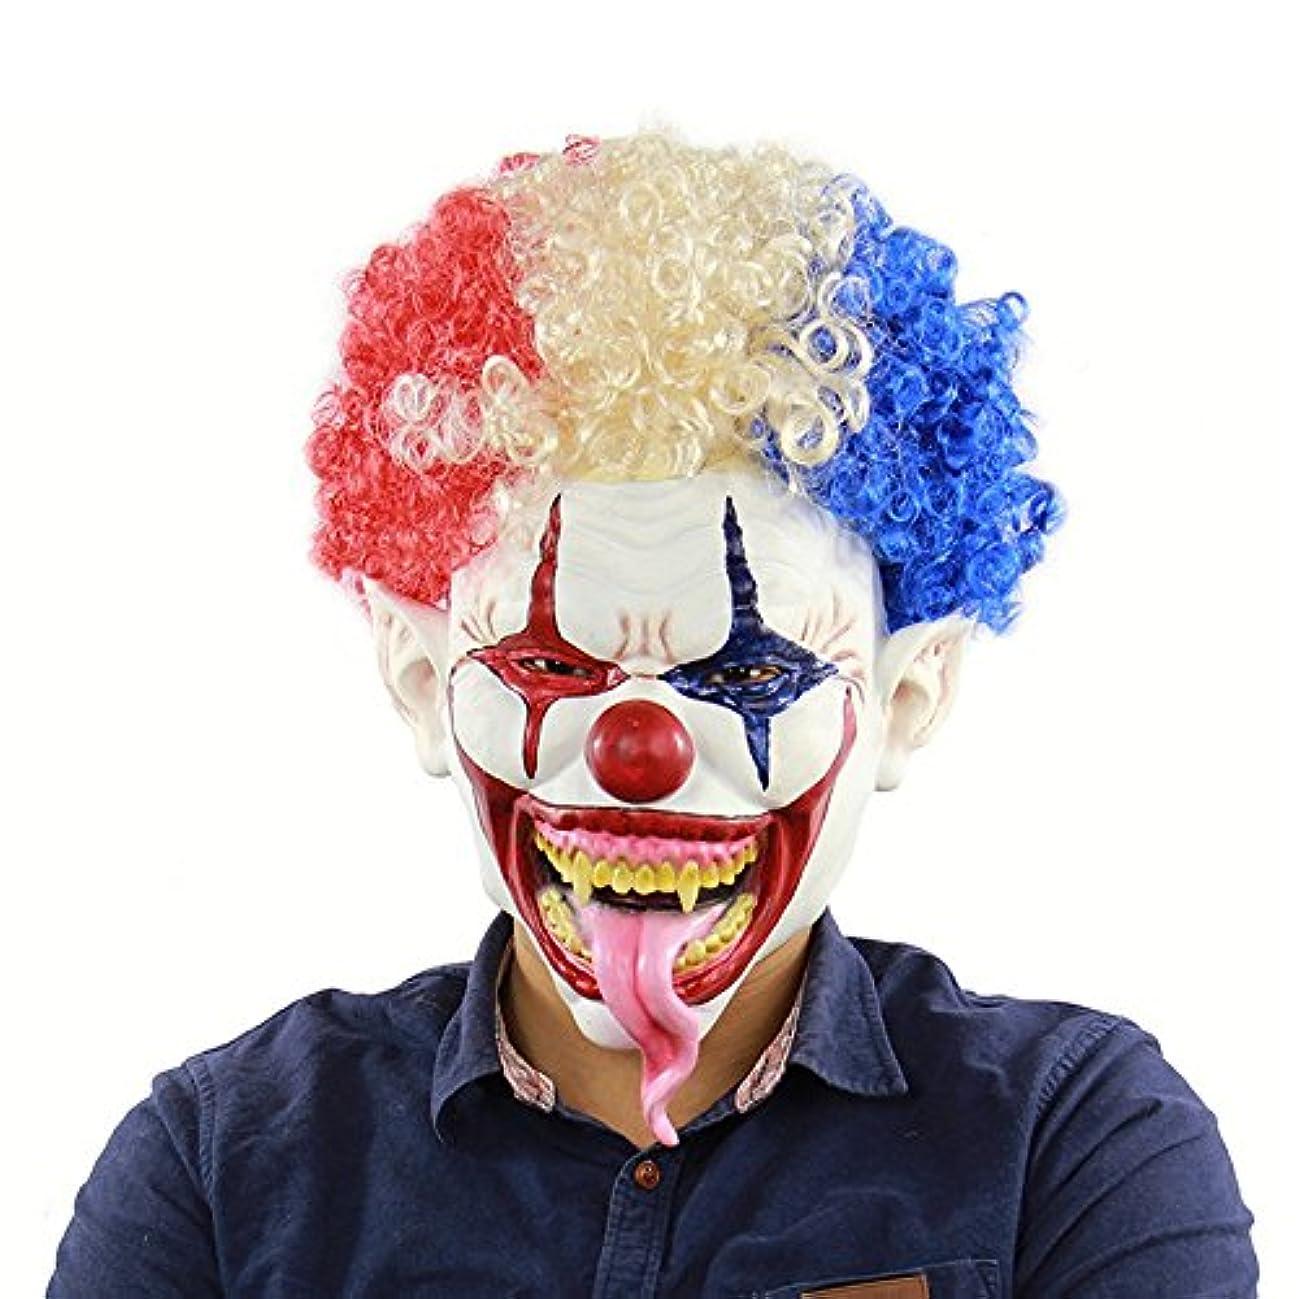 遺跡すりノイズ爆発的なヘッド大きな口長い舌ピエロマスクハロウィンアマゾン外国為替ラテックスホラーヘッドカバー